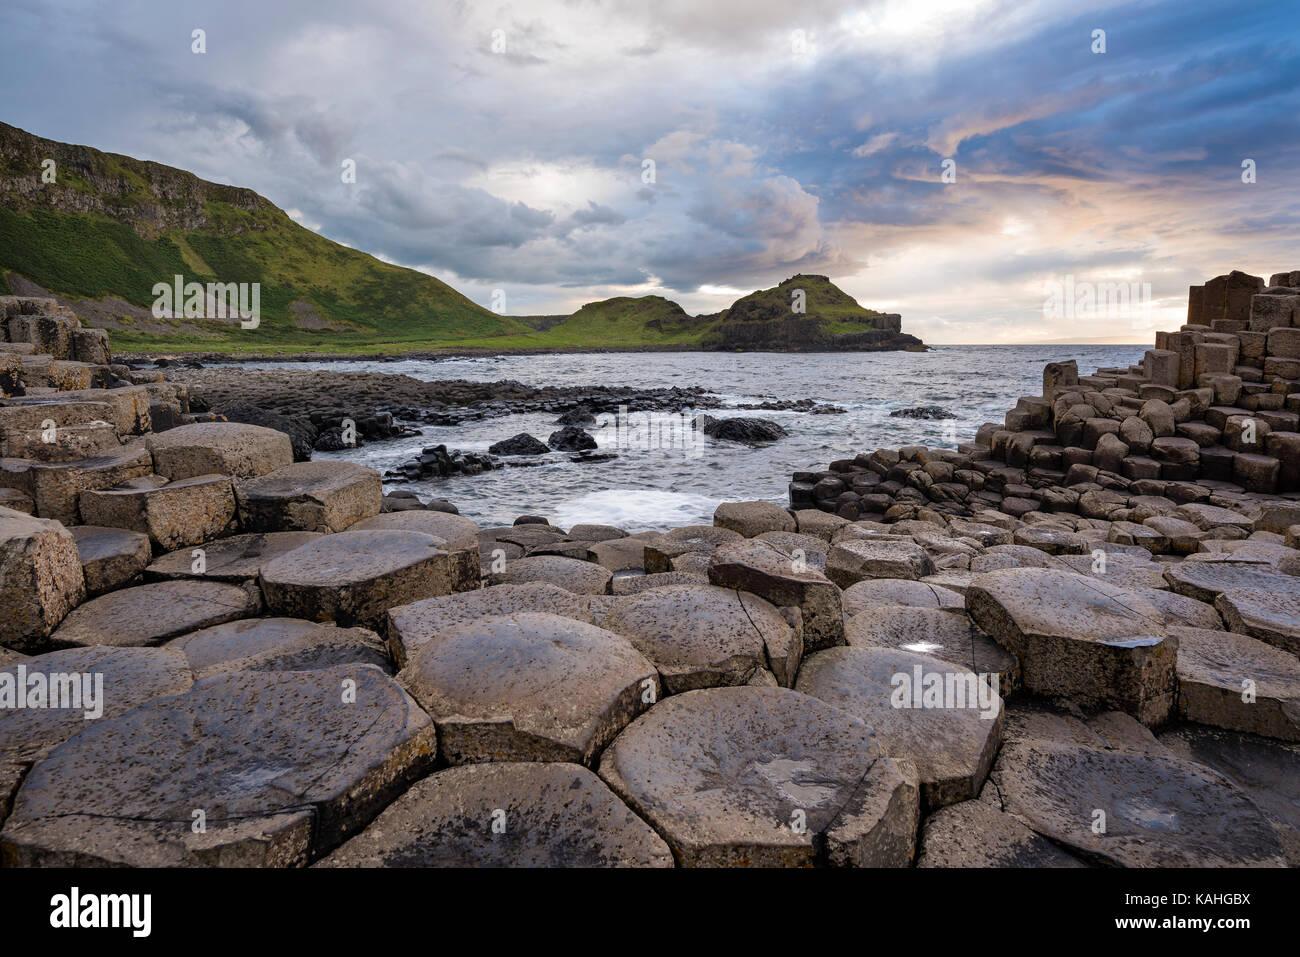 Columnas de basalto en la costa al atardecer, Giant's Causeway, Condado de Antrim, Irlanda del Norte, Reino Unido Foto de stock